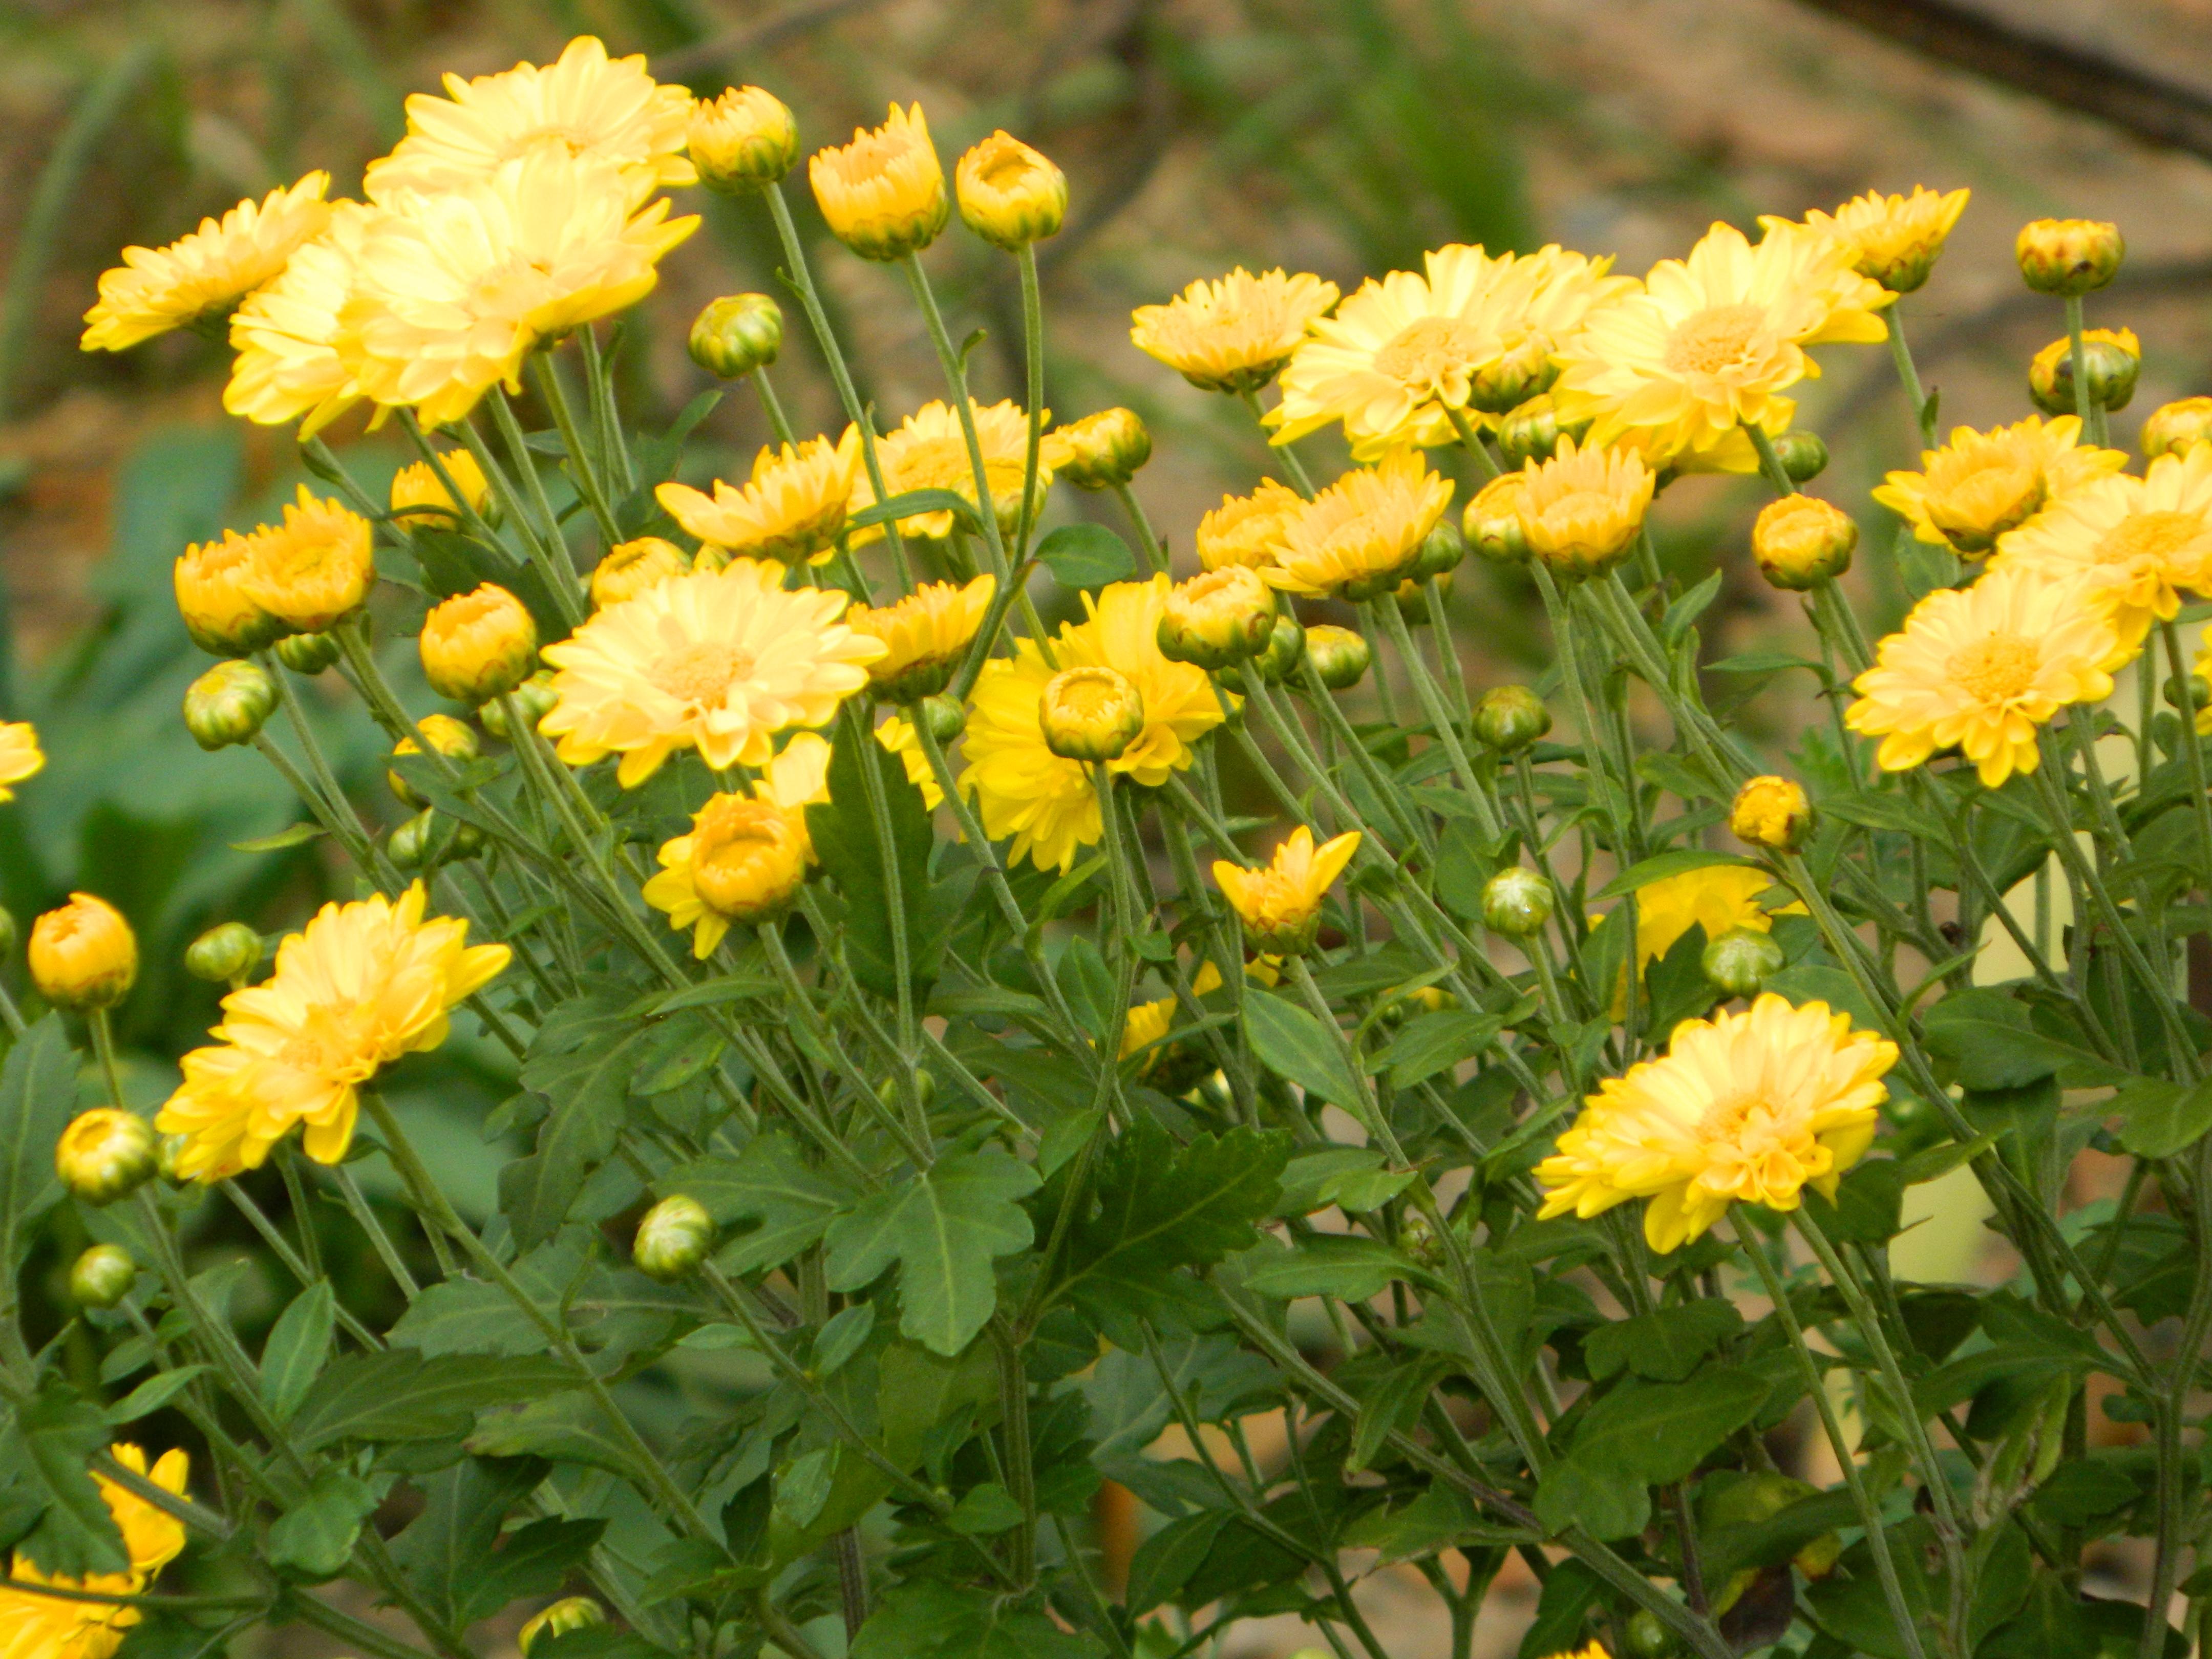 Arbusto A Fiori Gialli immagini belle : fiore, giallo, famiglia delle margherite